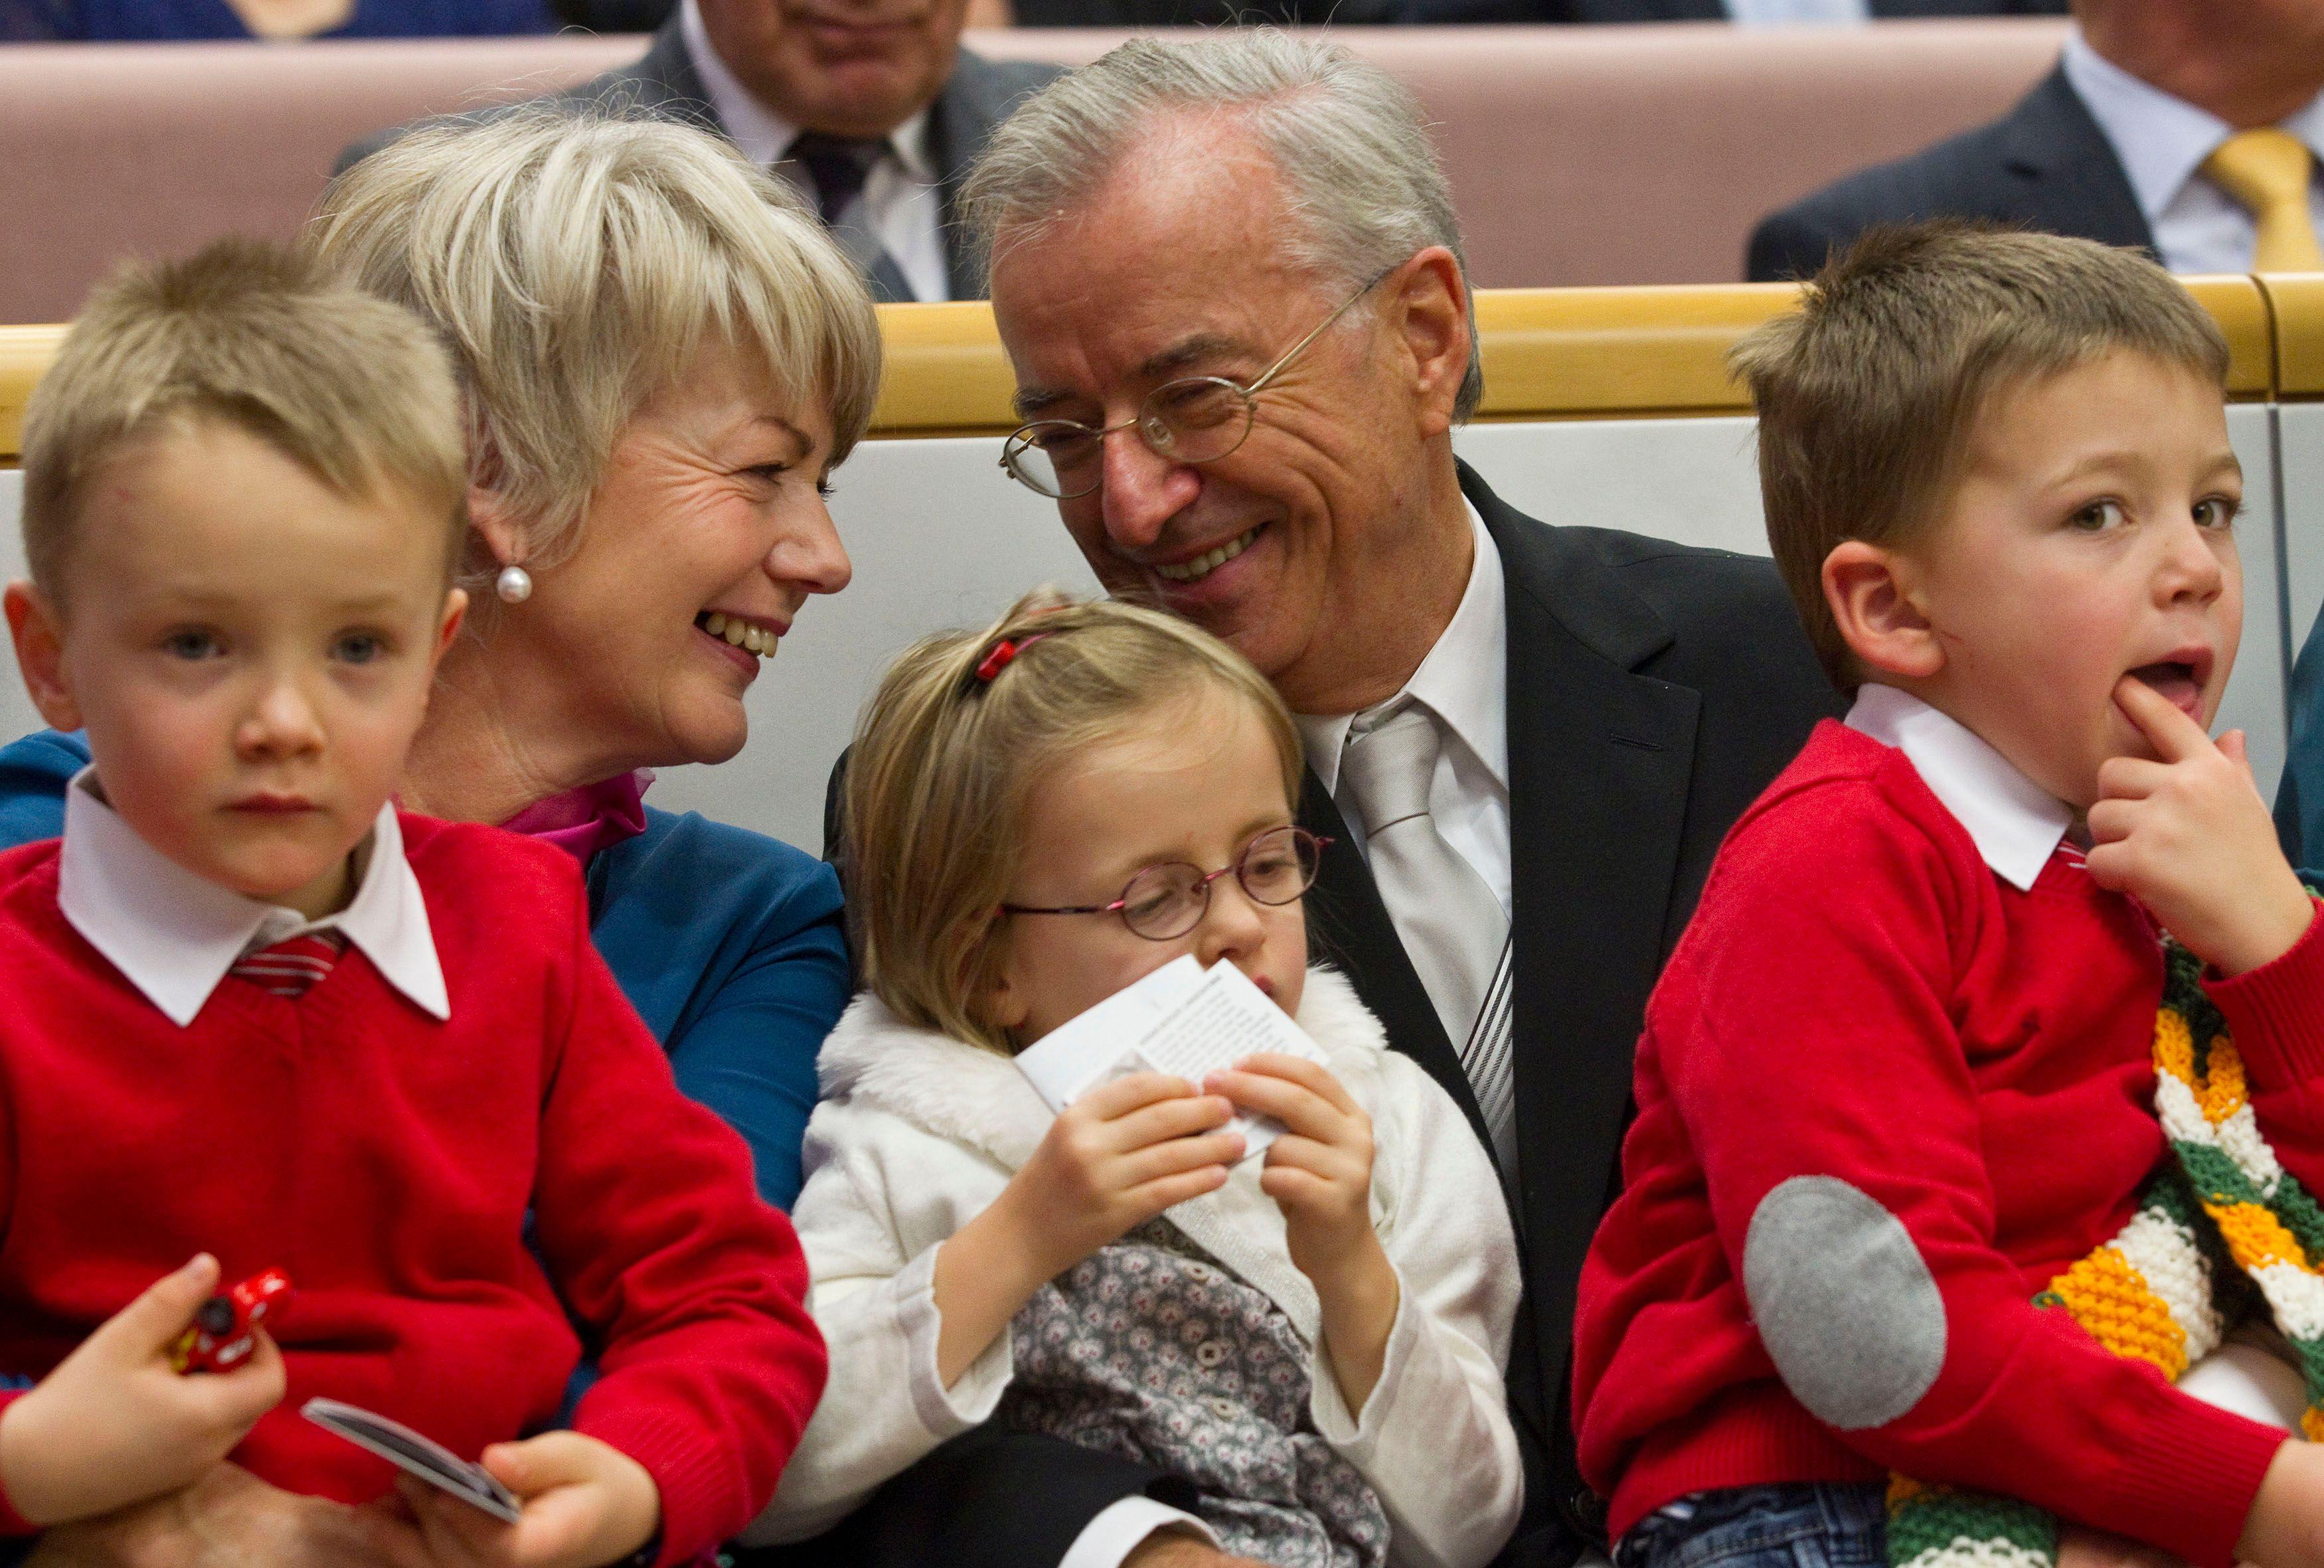 Un enfant a plus de chances de voir son avenir conditionné par la position sociale de ses grands-parents que par celle de ses parents.